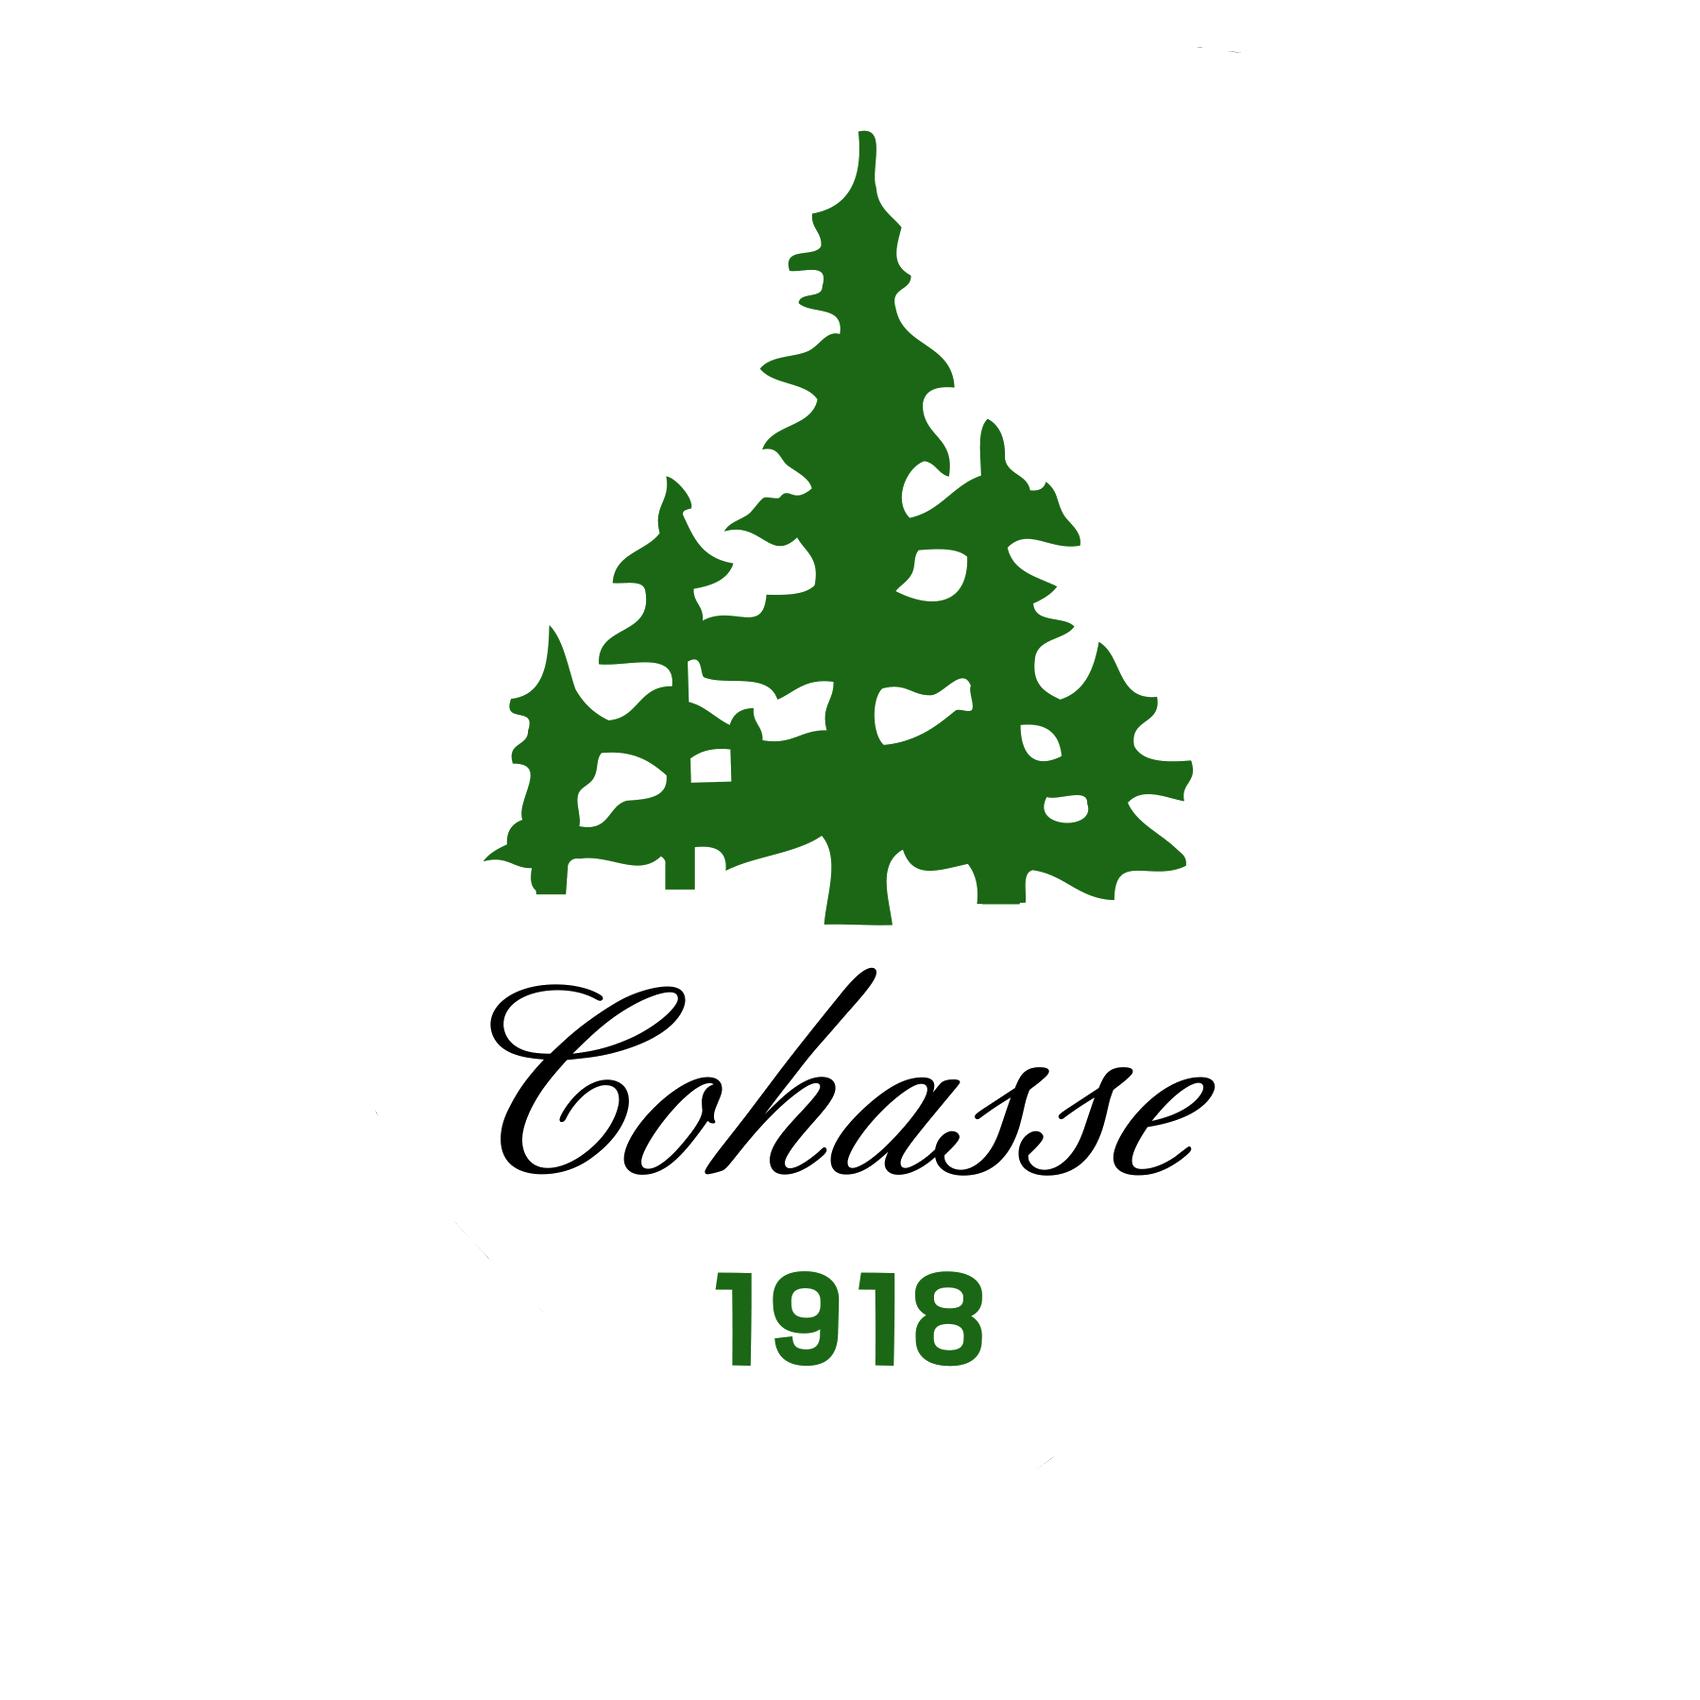 CohasseCC6